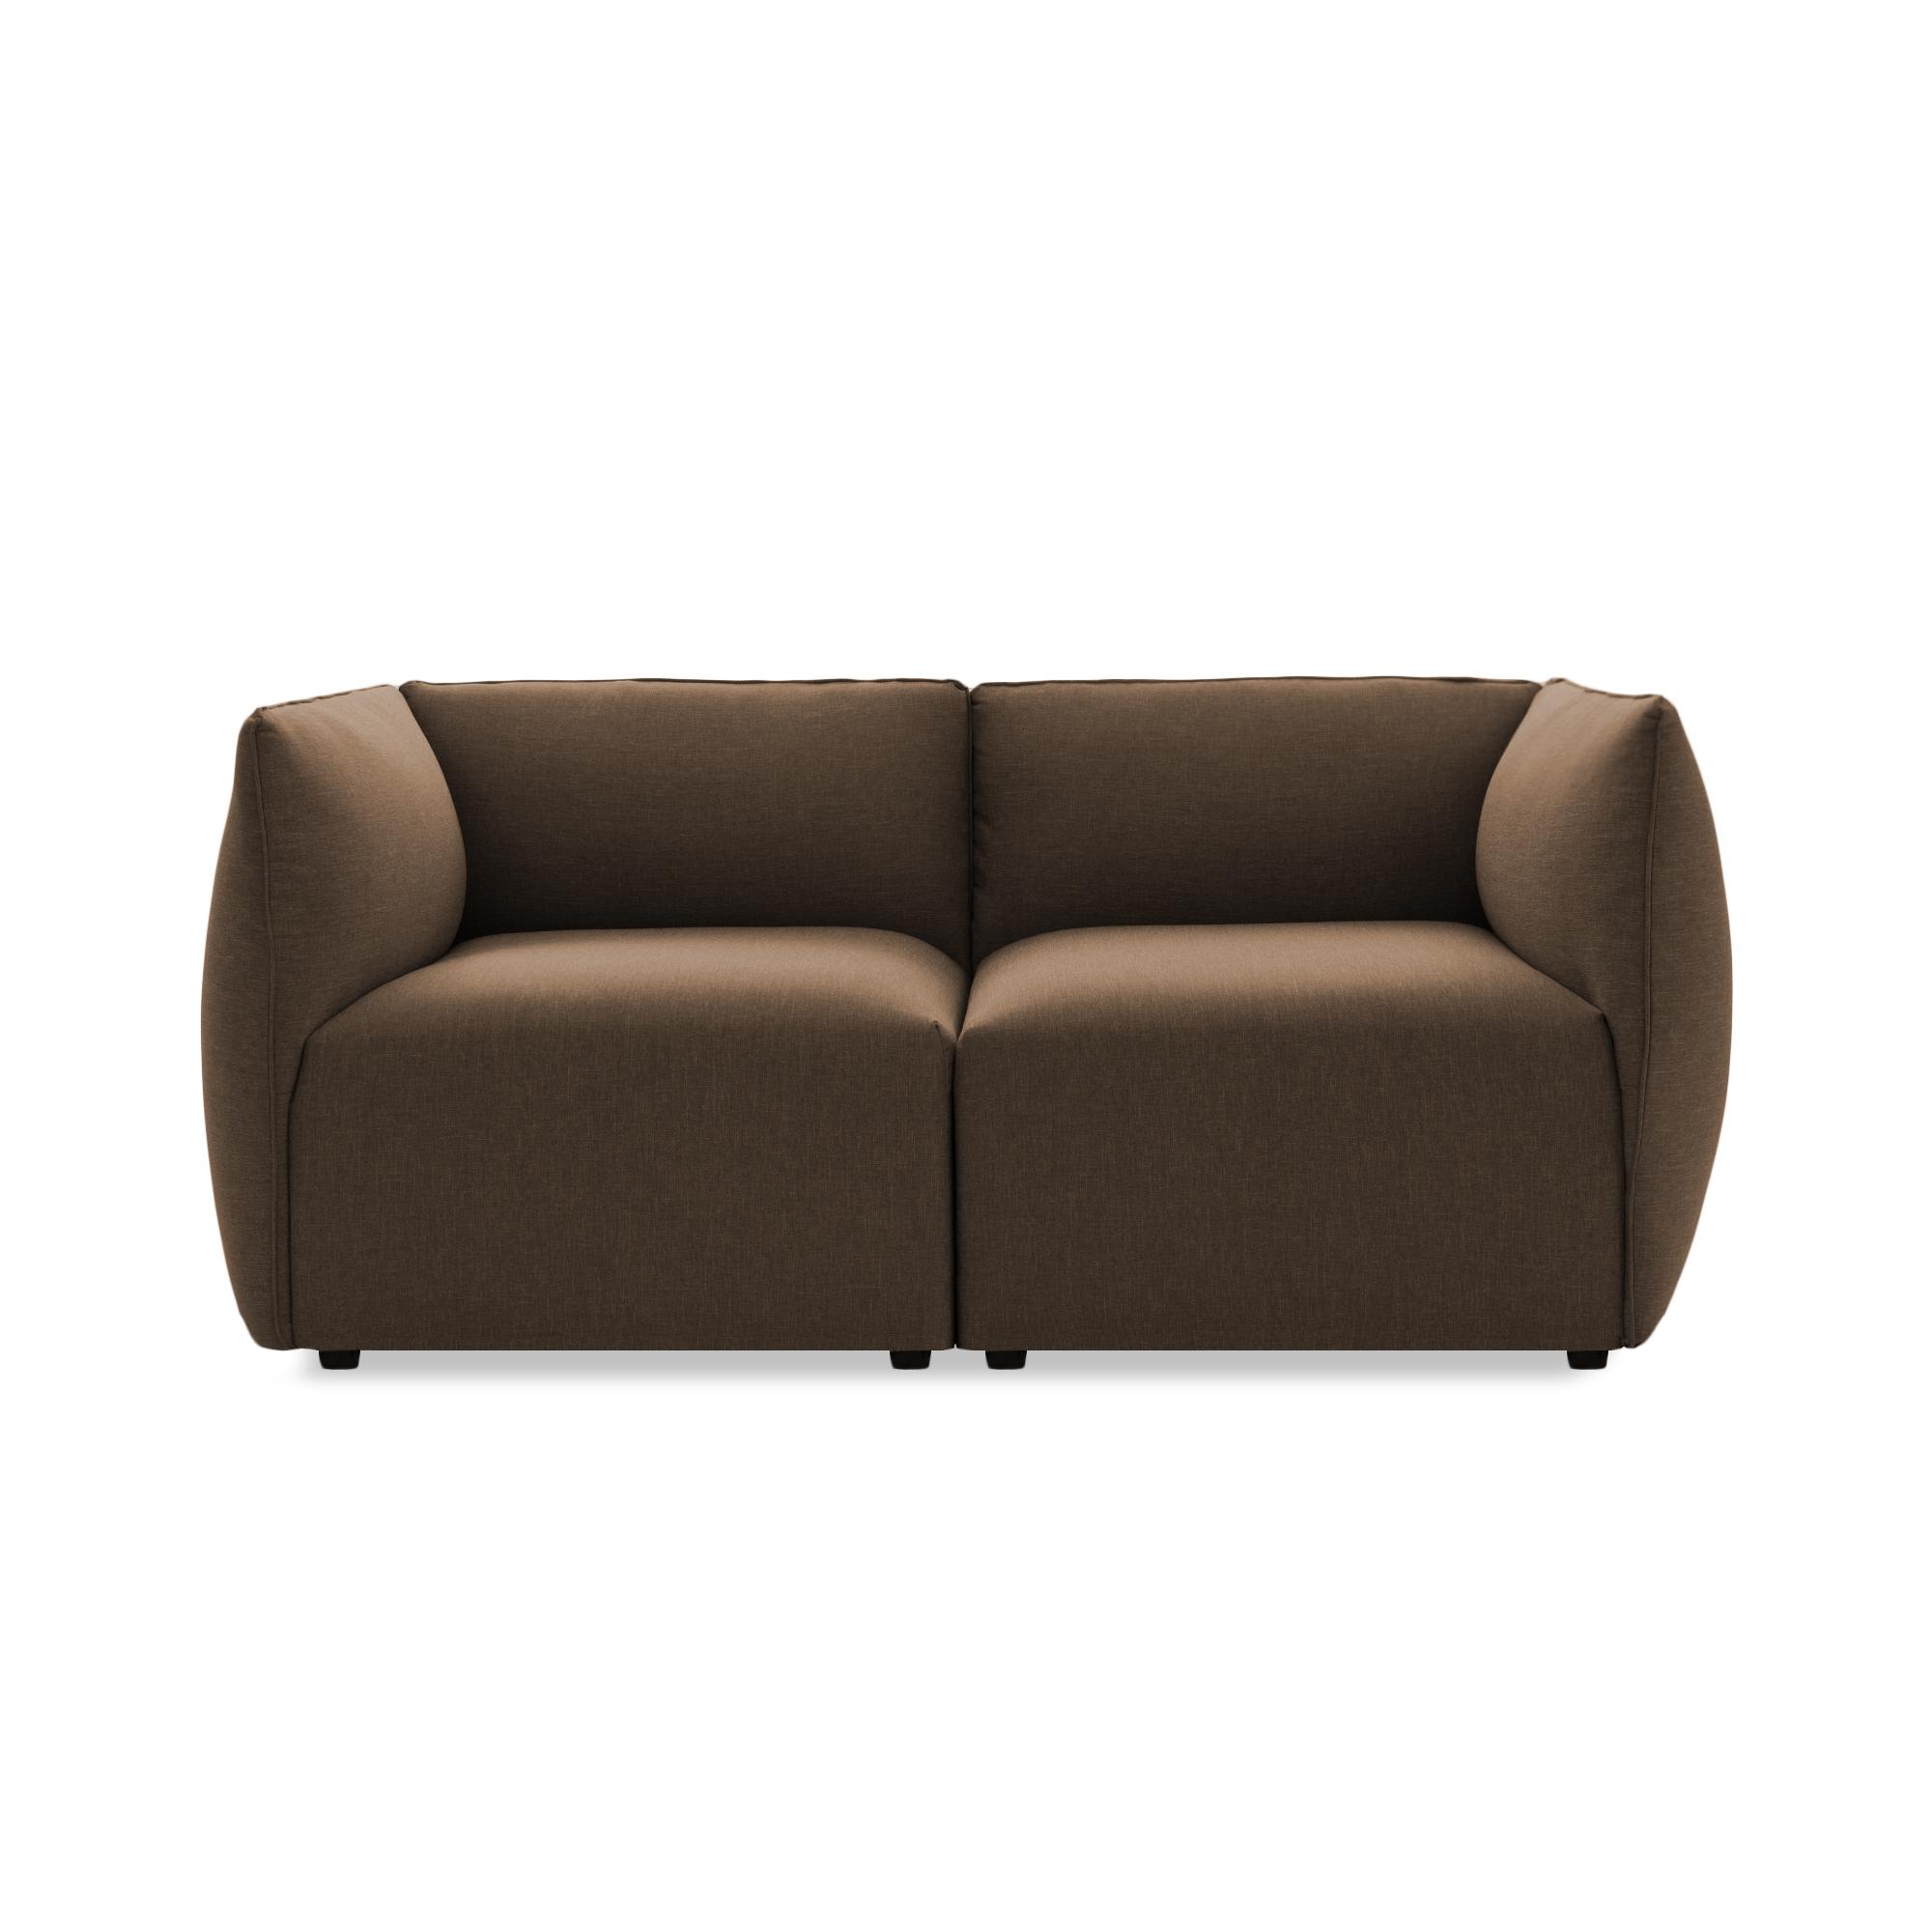 Canapea Fixa 2 locuri Cube Dark Beige